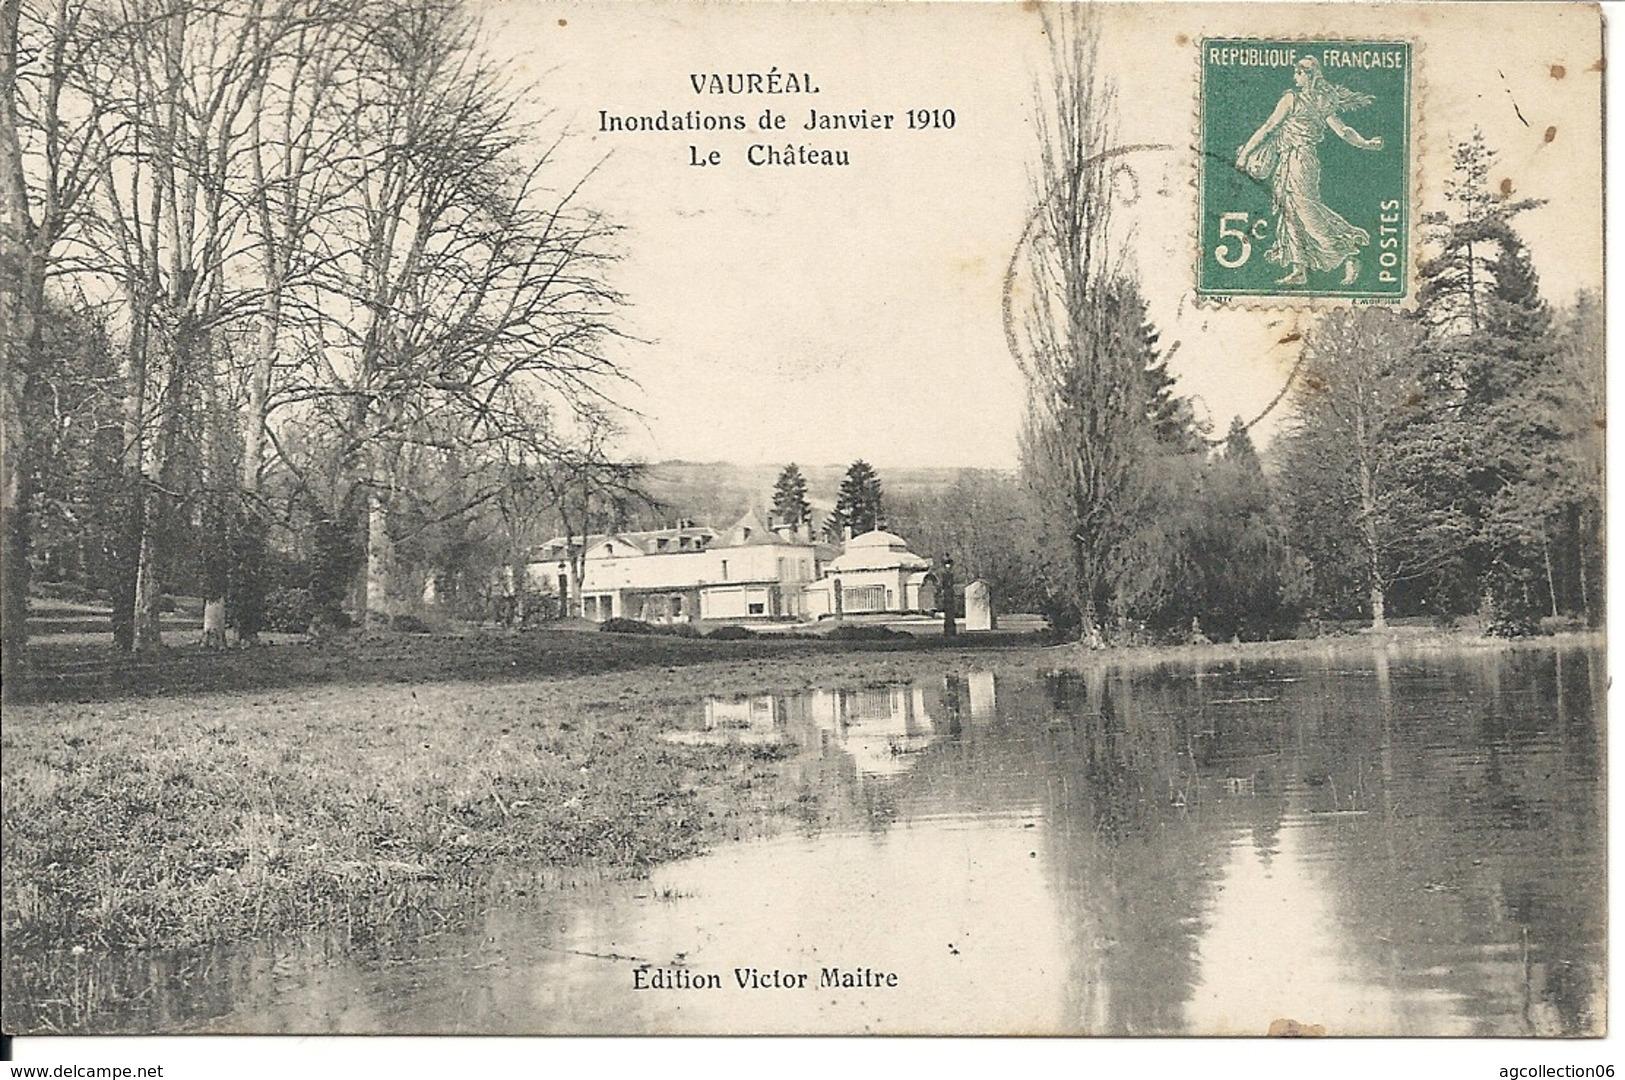 LE CHATEAU. INONDATIONS DE JANVIER 1910 - Vauréal